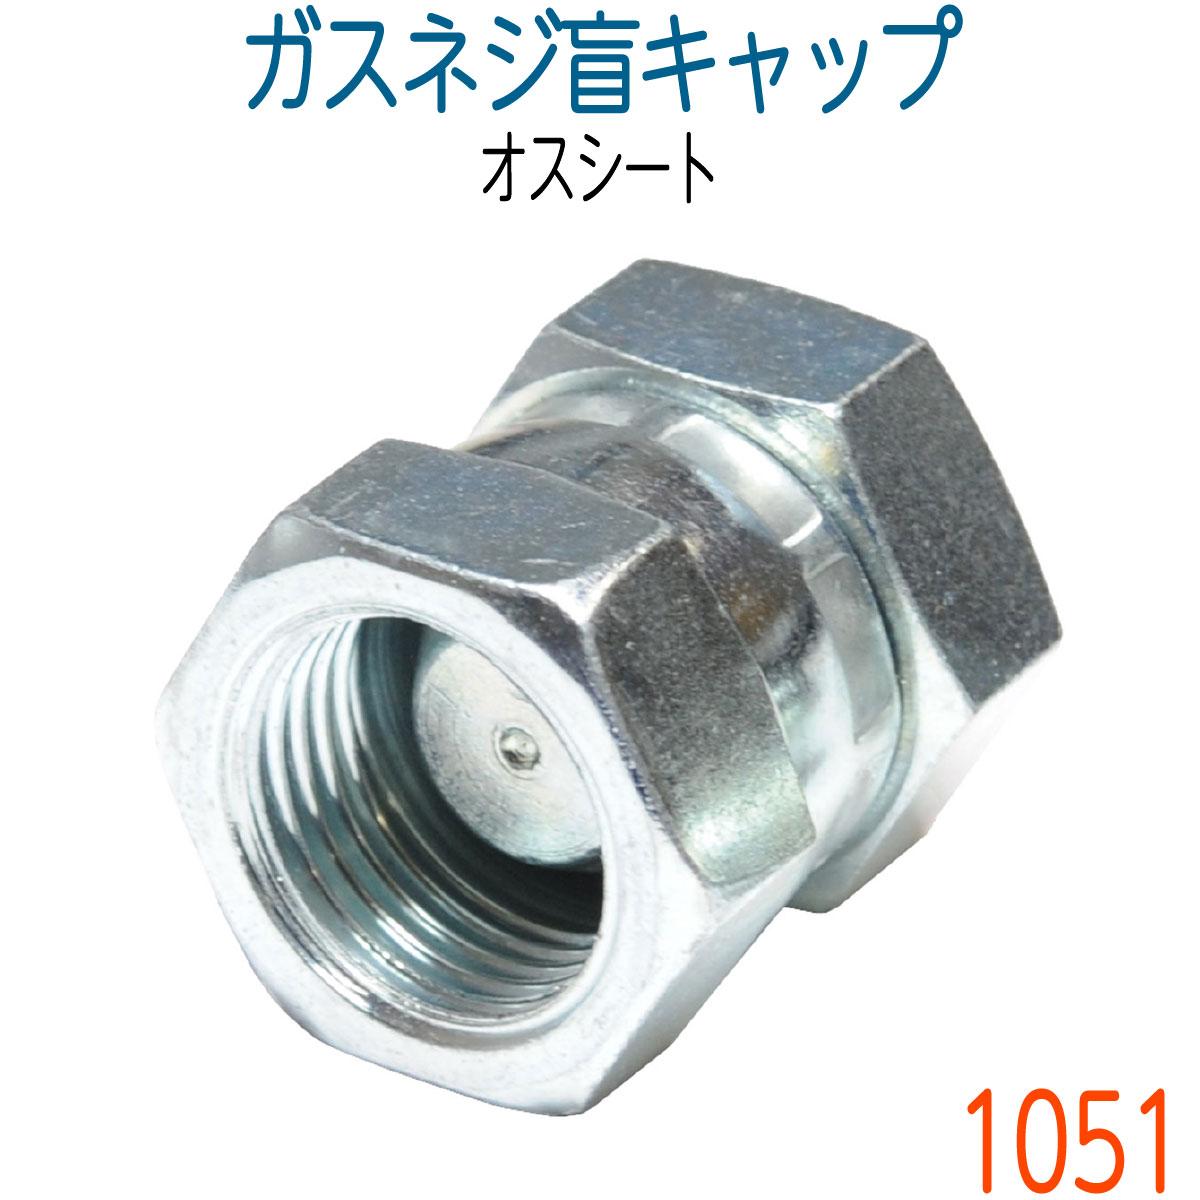 画像1: 1051 ガスネジ盲キャップ(オスシート) 各サイズ  (1)